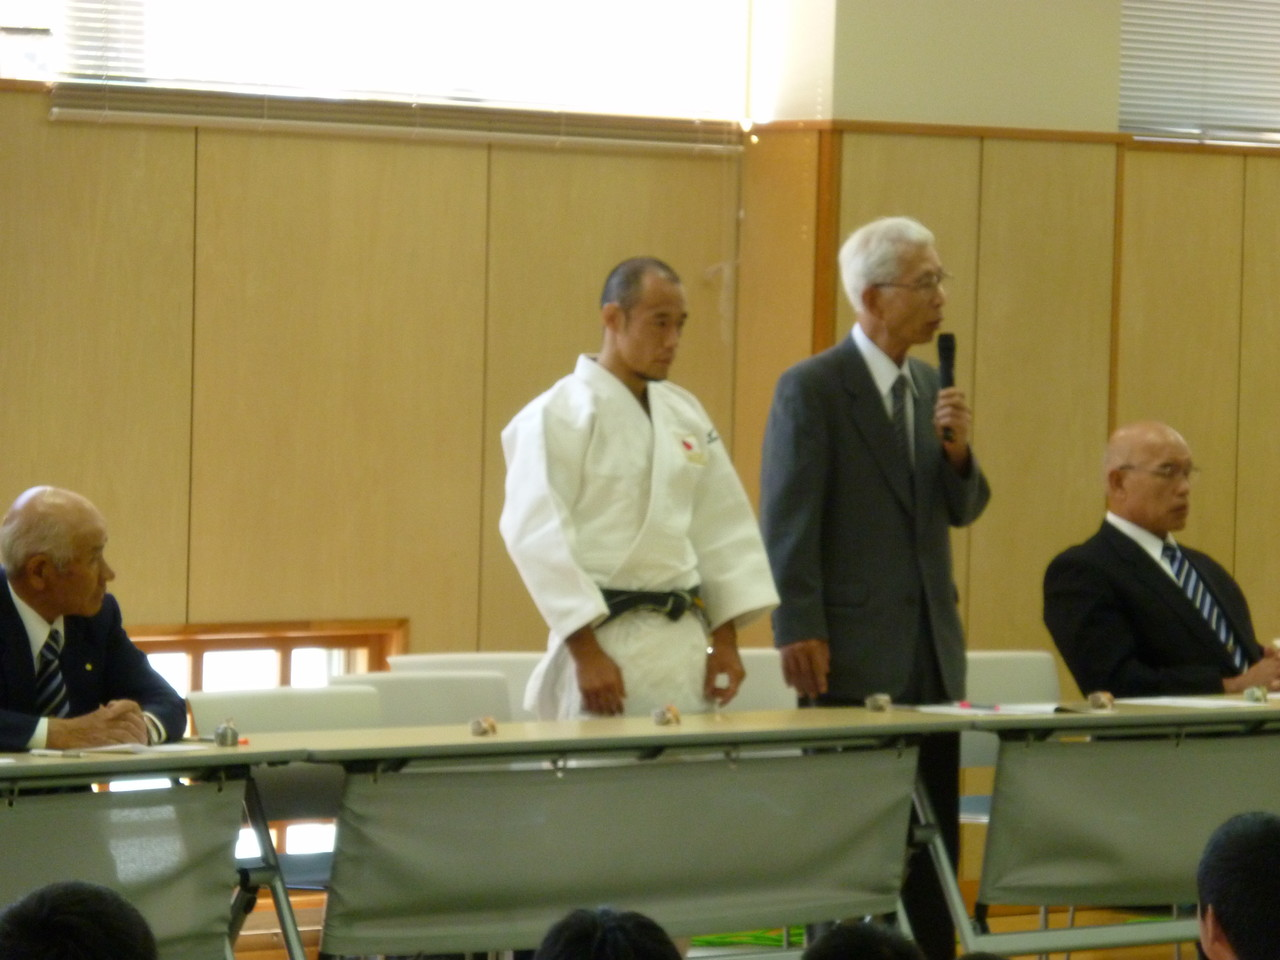 ロンドンパラリンピック柔道男子66㎏級代表 広瀬誠選手